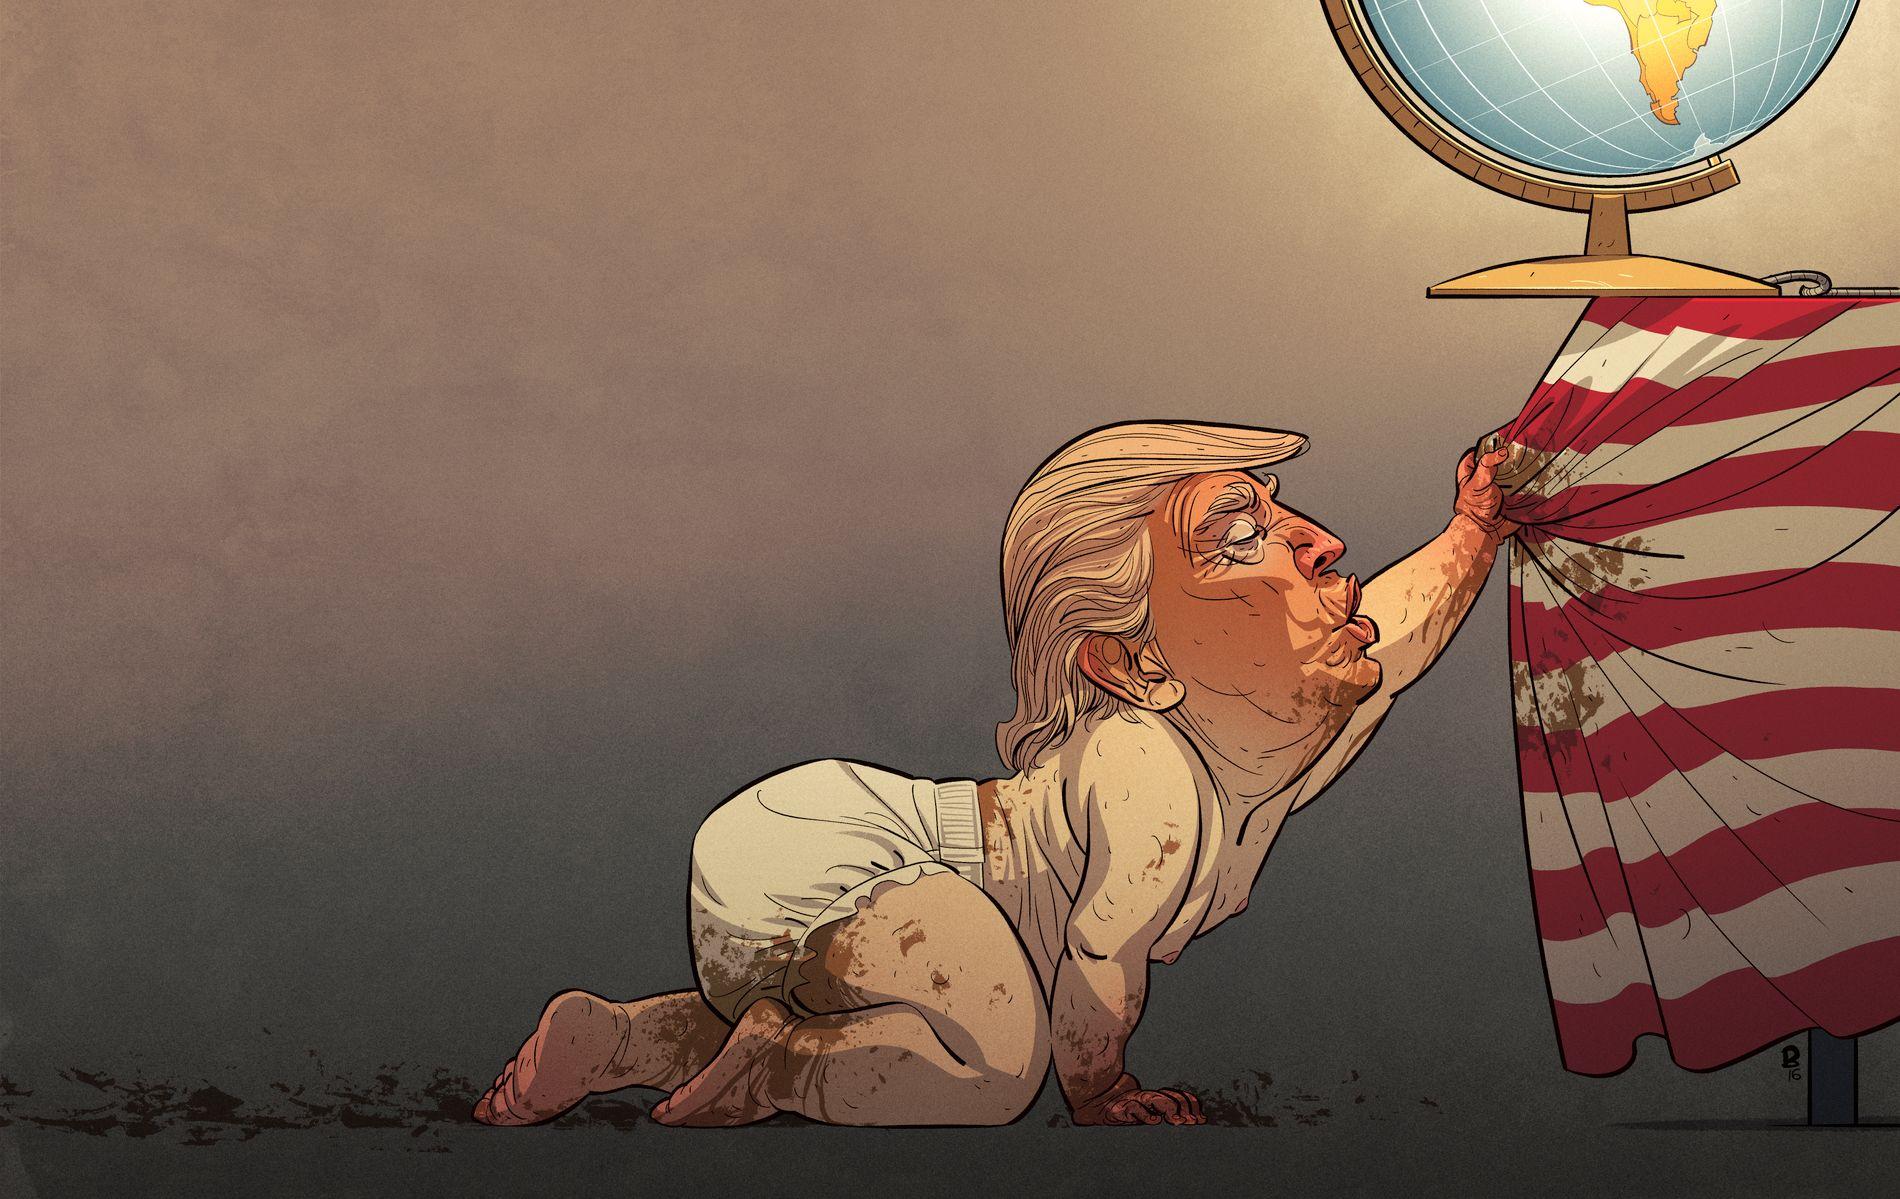 VANT PRIS: Christian Blooms tegning av Donald Trump ble tirsdag kåret til årets avistegning.